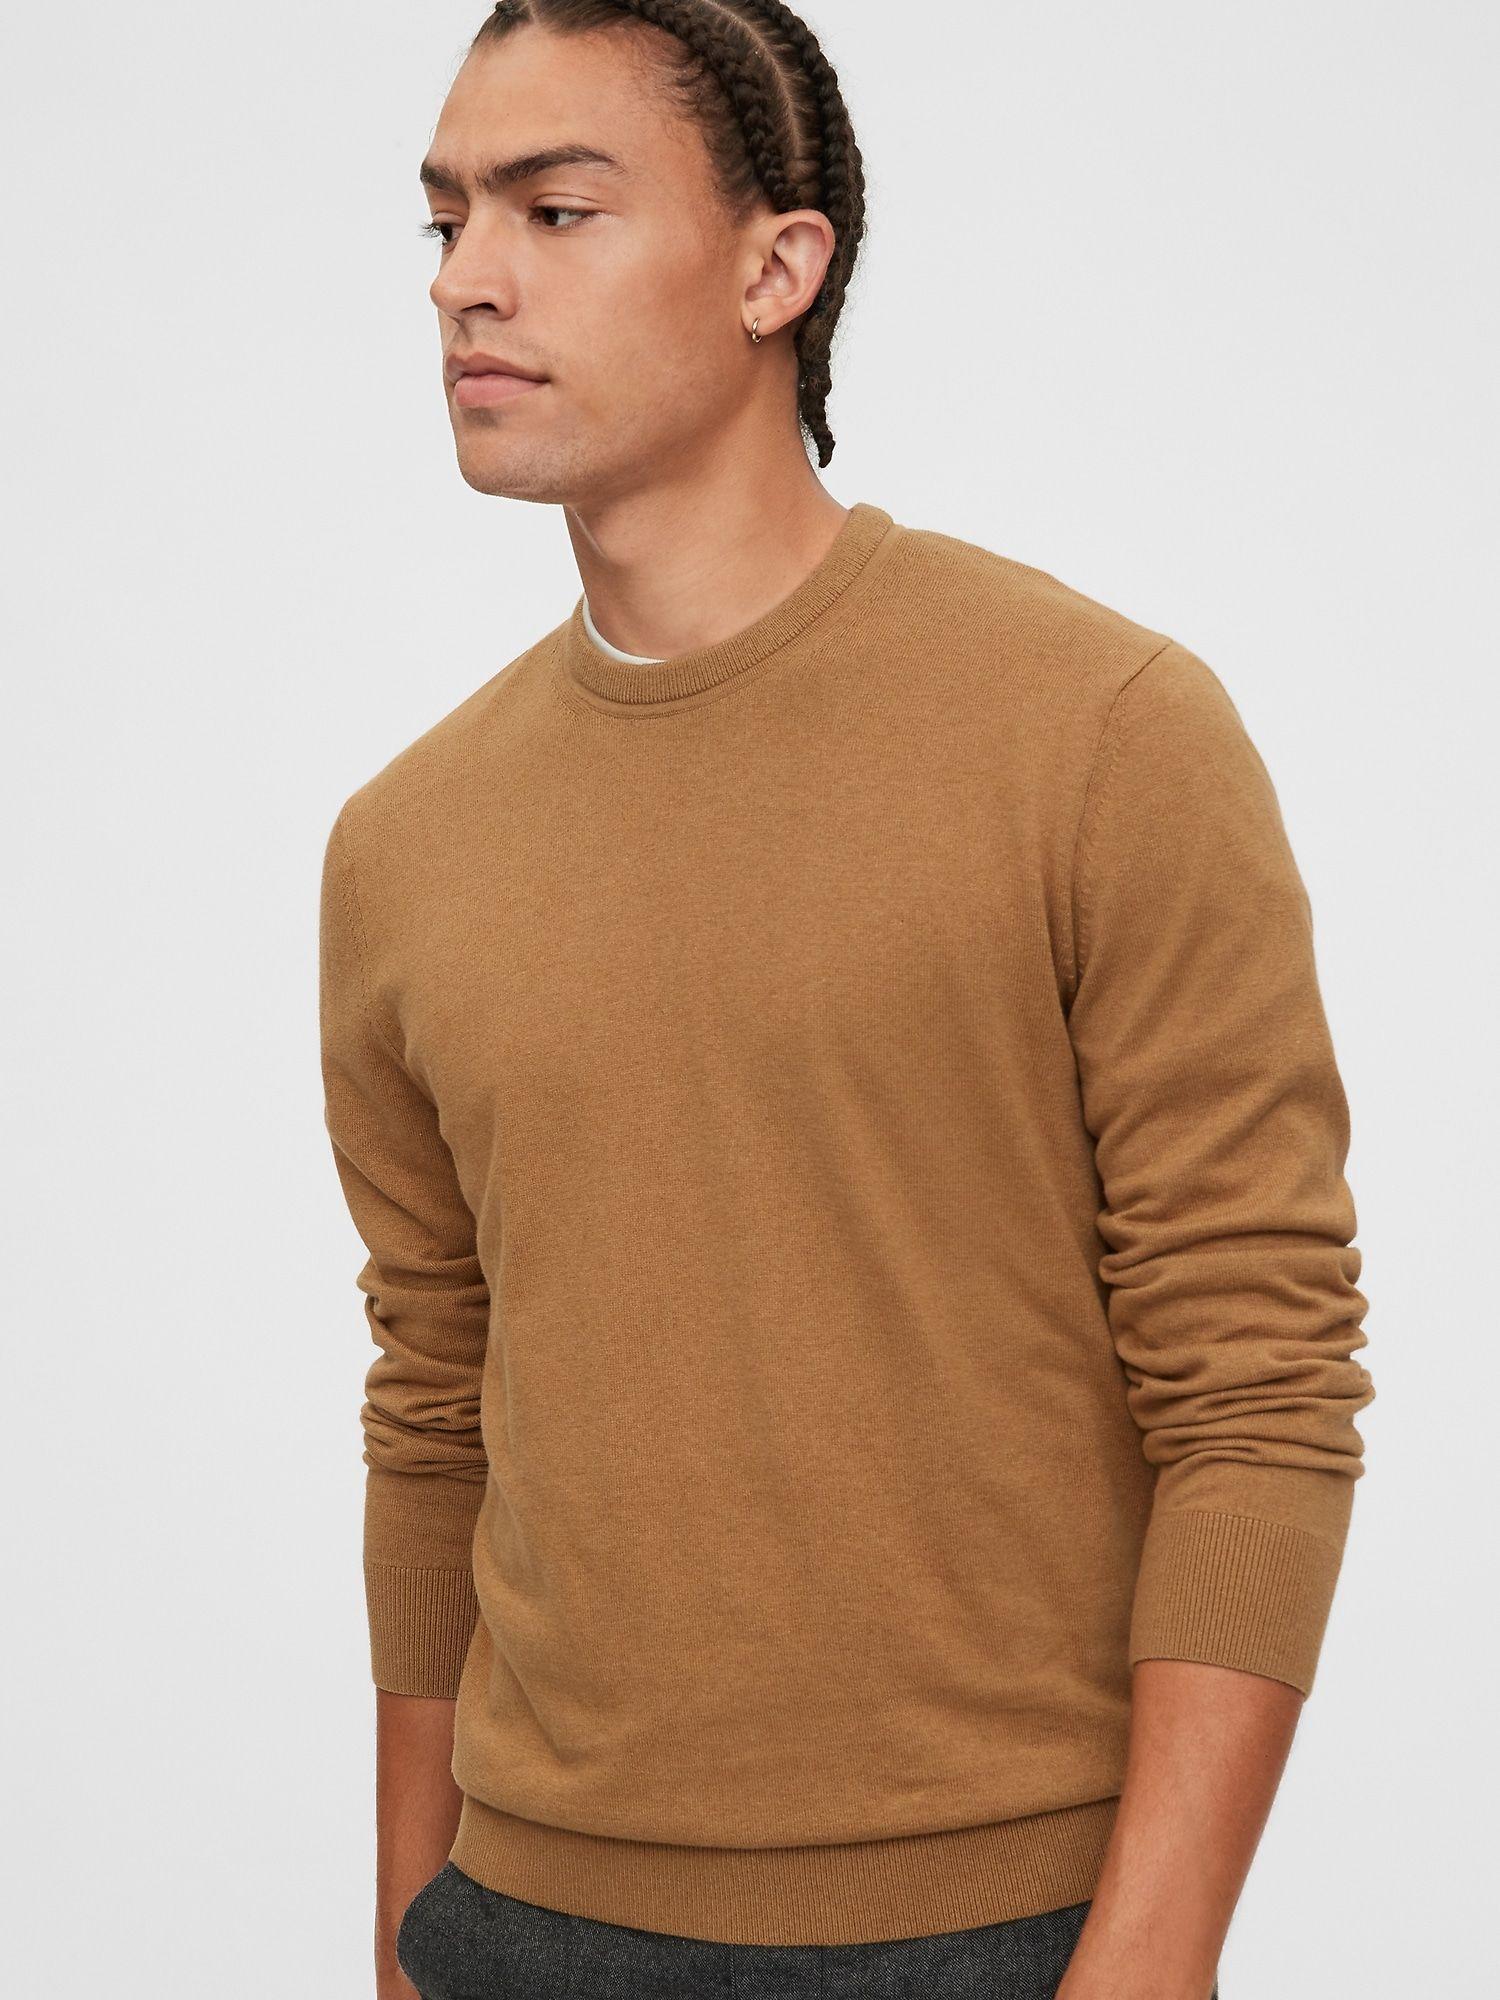 Mainstay Sweater Long Sleeve Tshirt Men Men Sweater Sweaters [ 2000 x 1500 Pixel ]